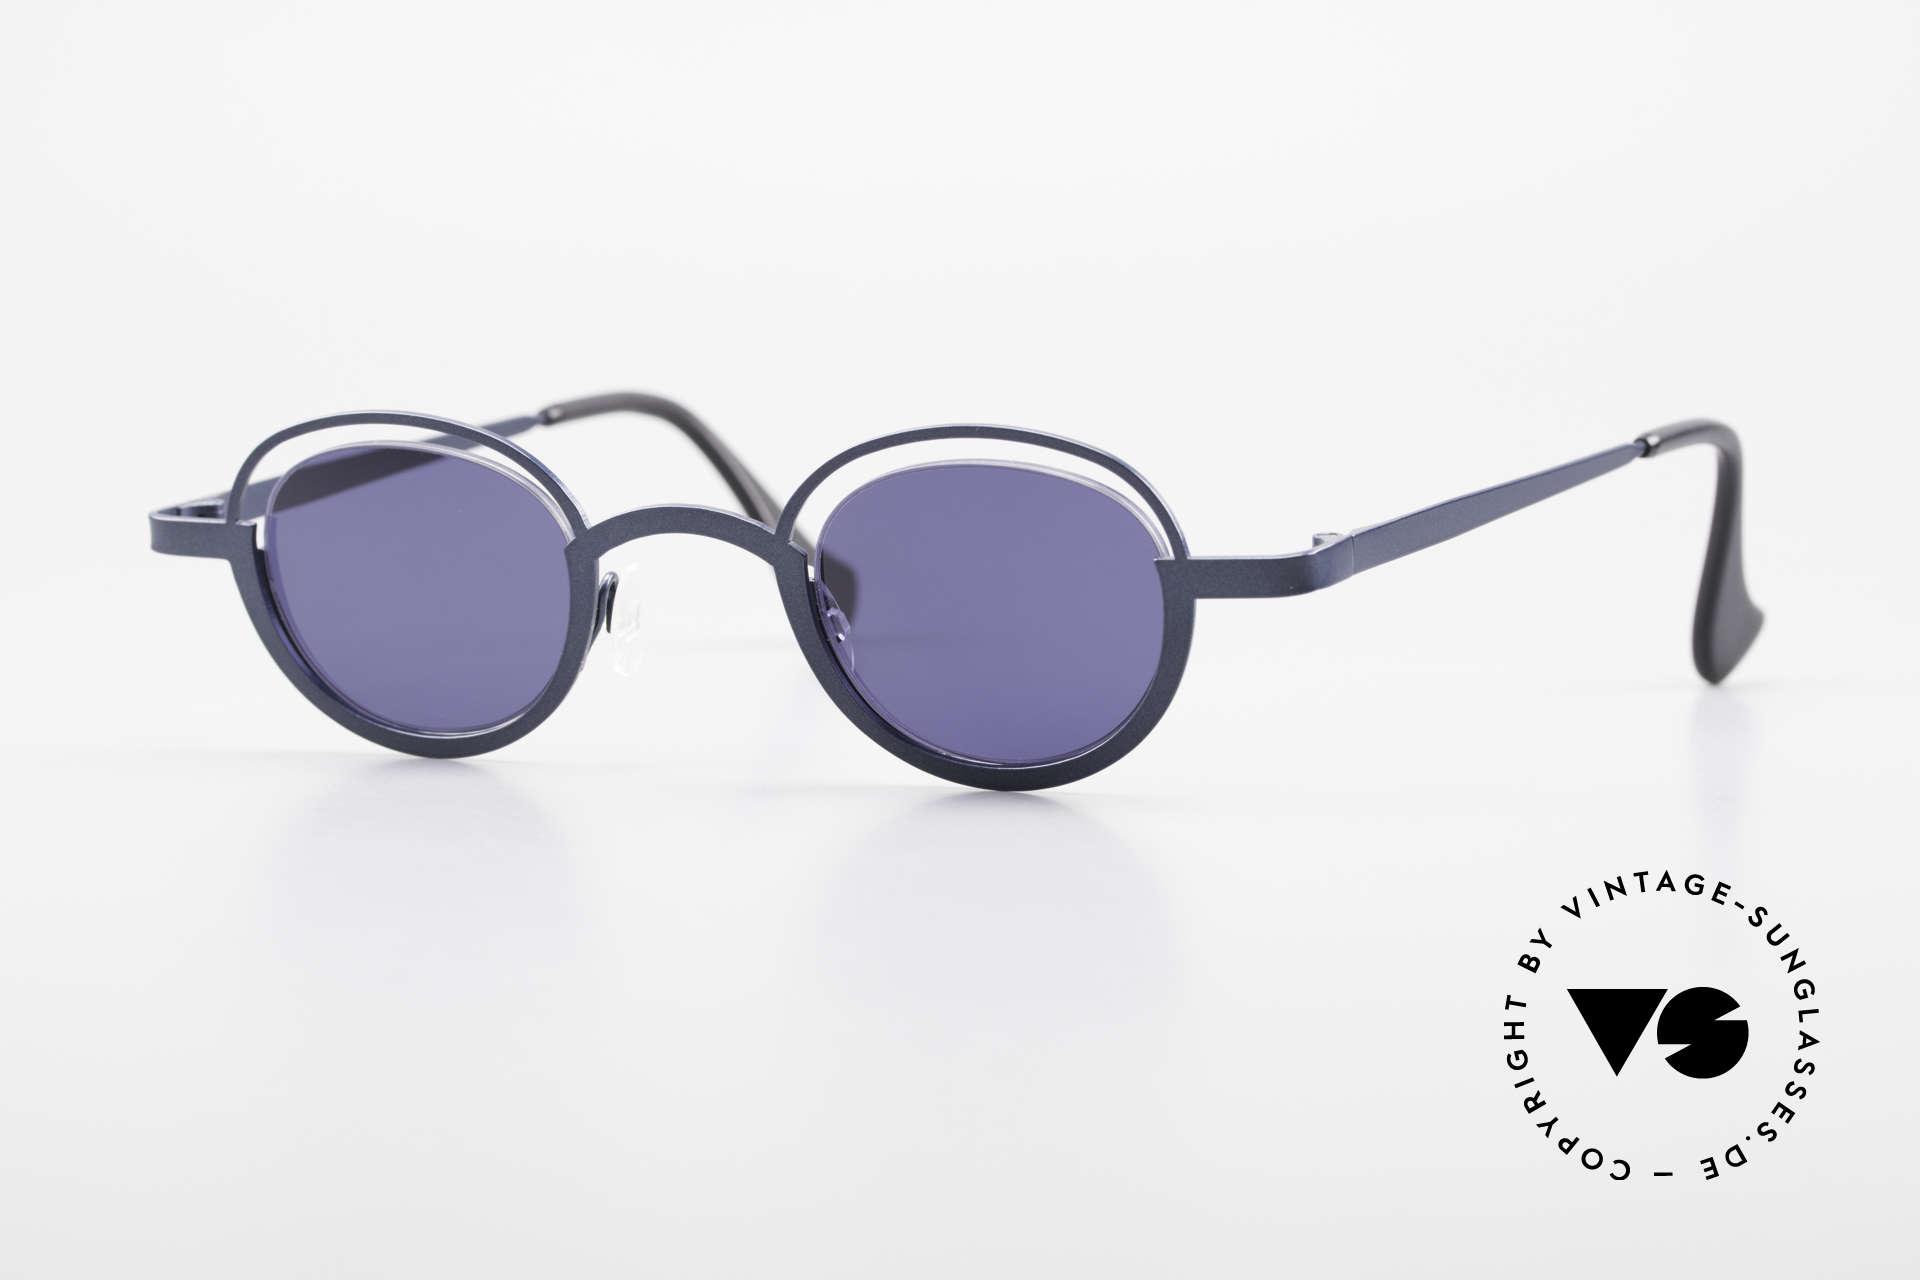 Theo Belgium Dozy Slim 90er Unisex Sonnenbrille, grandiose vintage Theo Belgium Sonnenbrille von '97, Passend für Herren und Damen